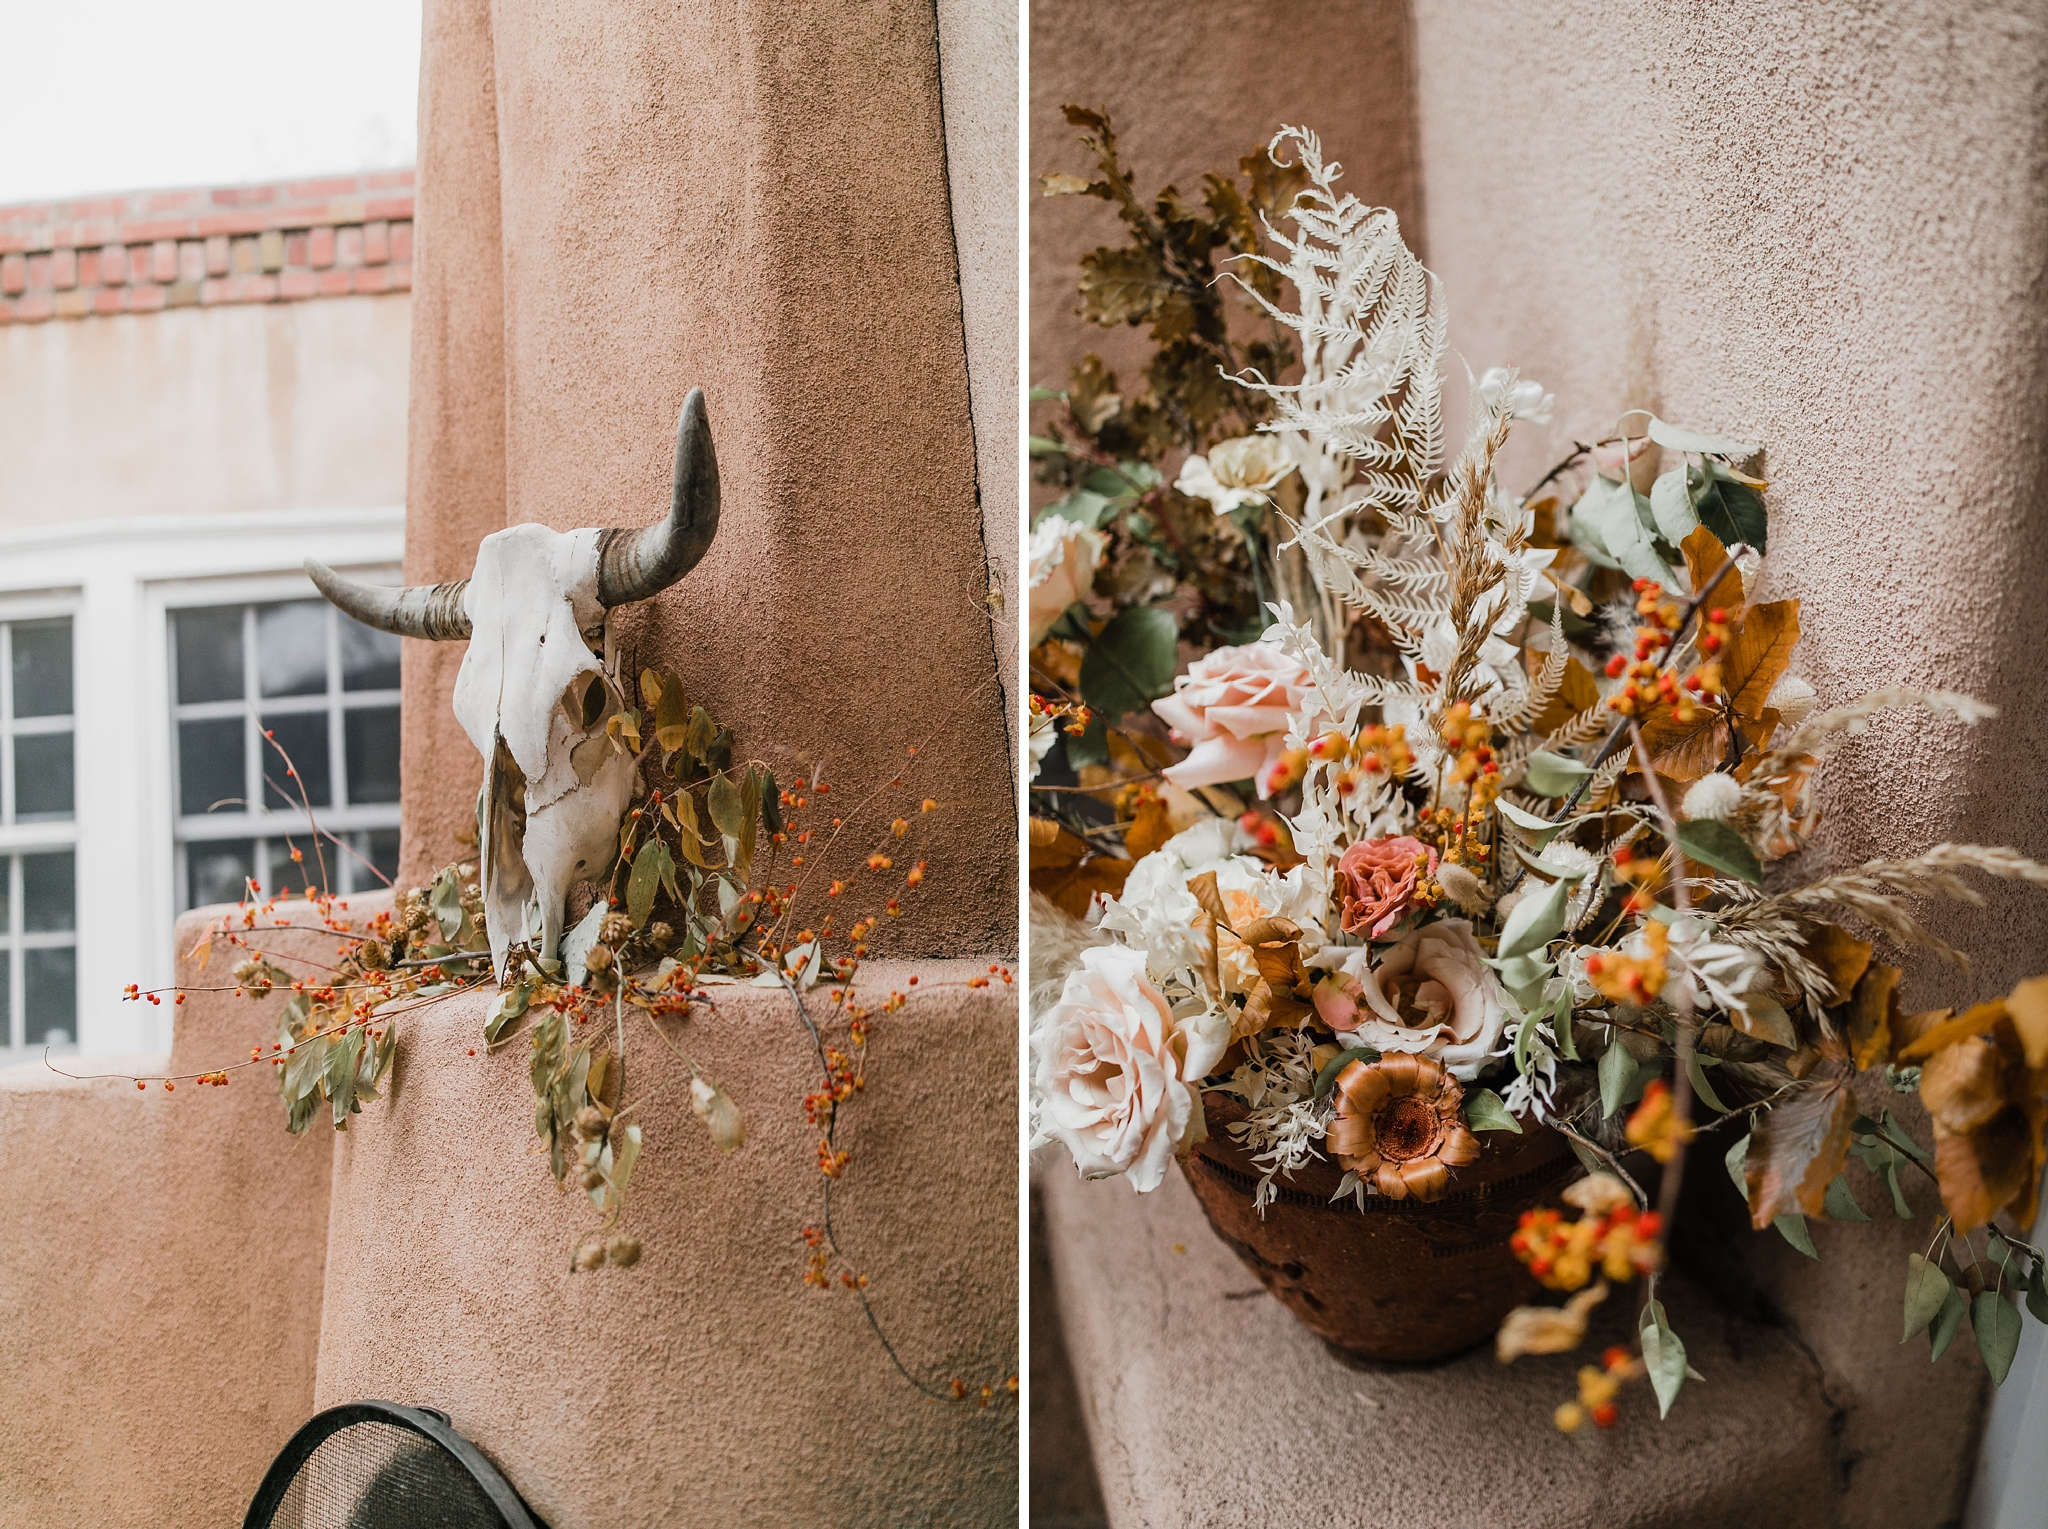 Alicia+lucia+photography+-+albuquerque+wedding+photographer+-+santa+fe+wedding+photography+-+new+mexico+wedding+photographer+-+new+mexico+wedding+-+new+mexico+florist+-+floriography+flowers+-+floriography+flowers+new+mexico+-+wedding+florist_0011.jpg